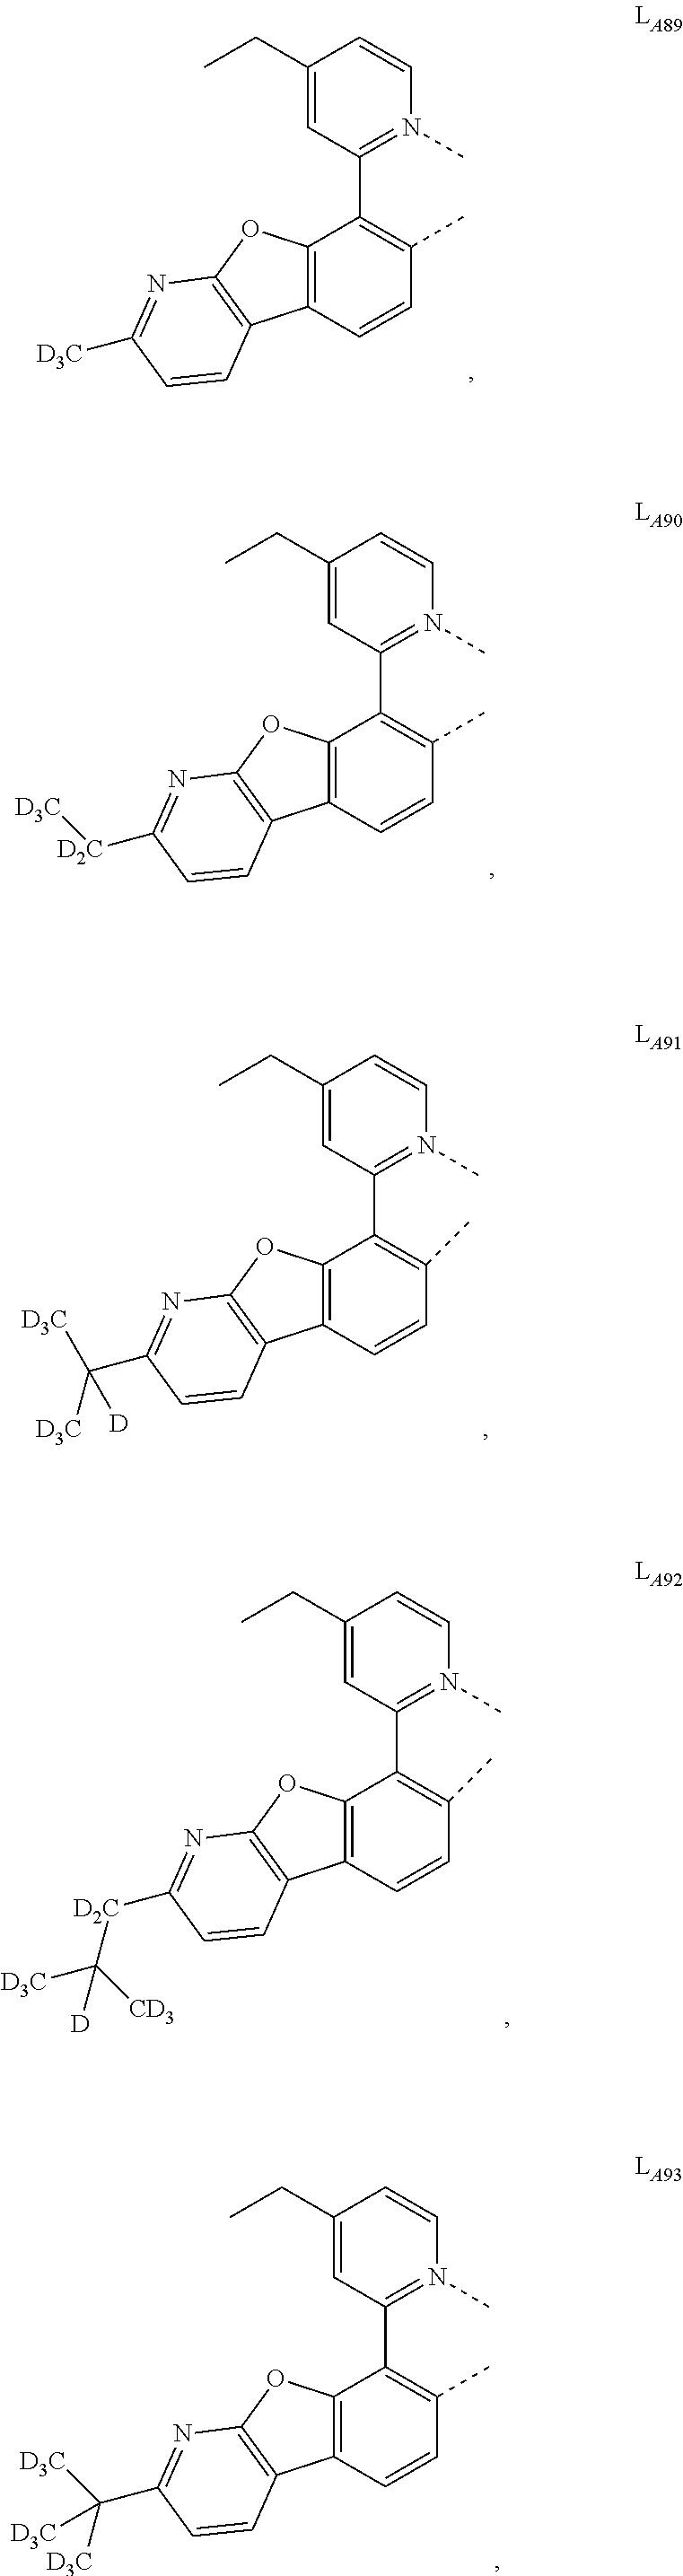 Figure US20160049599A1-20160218-C00028